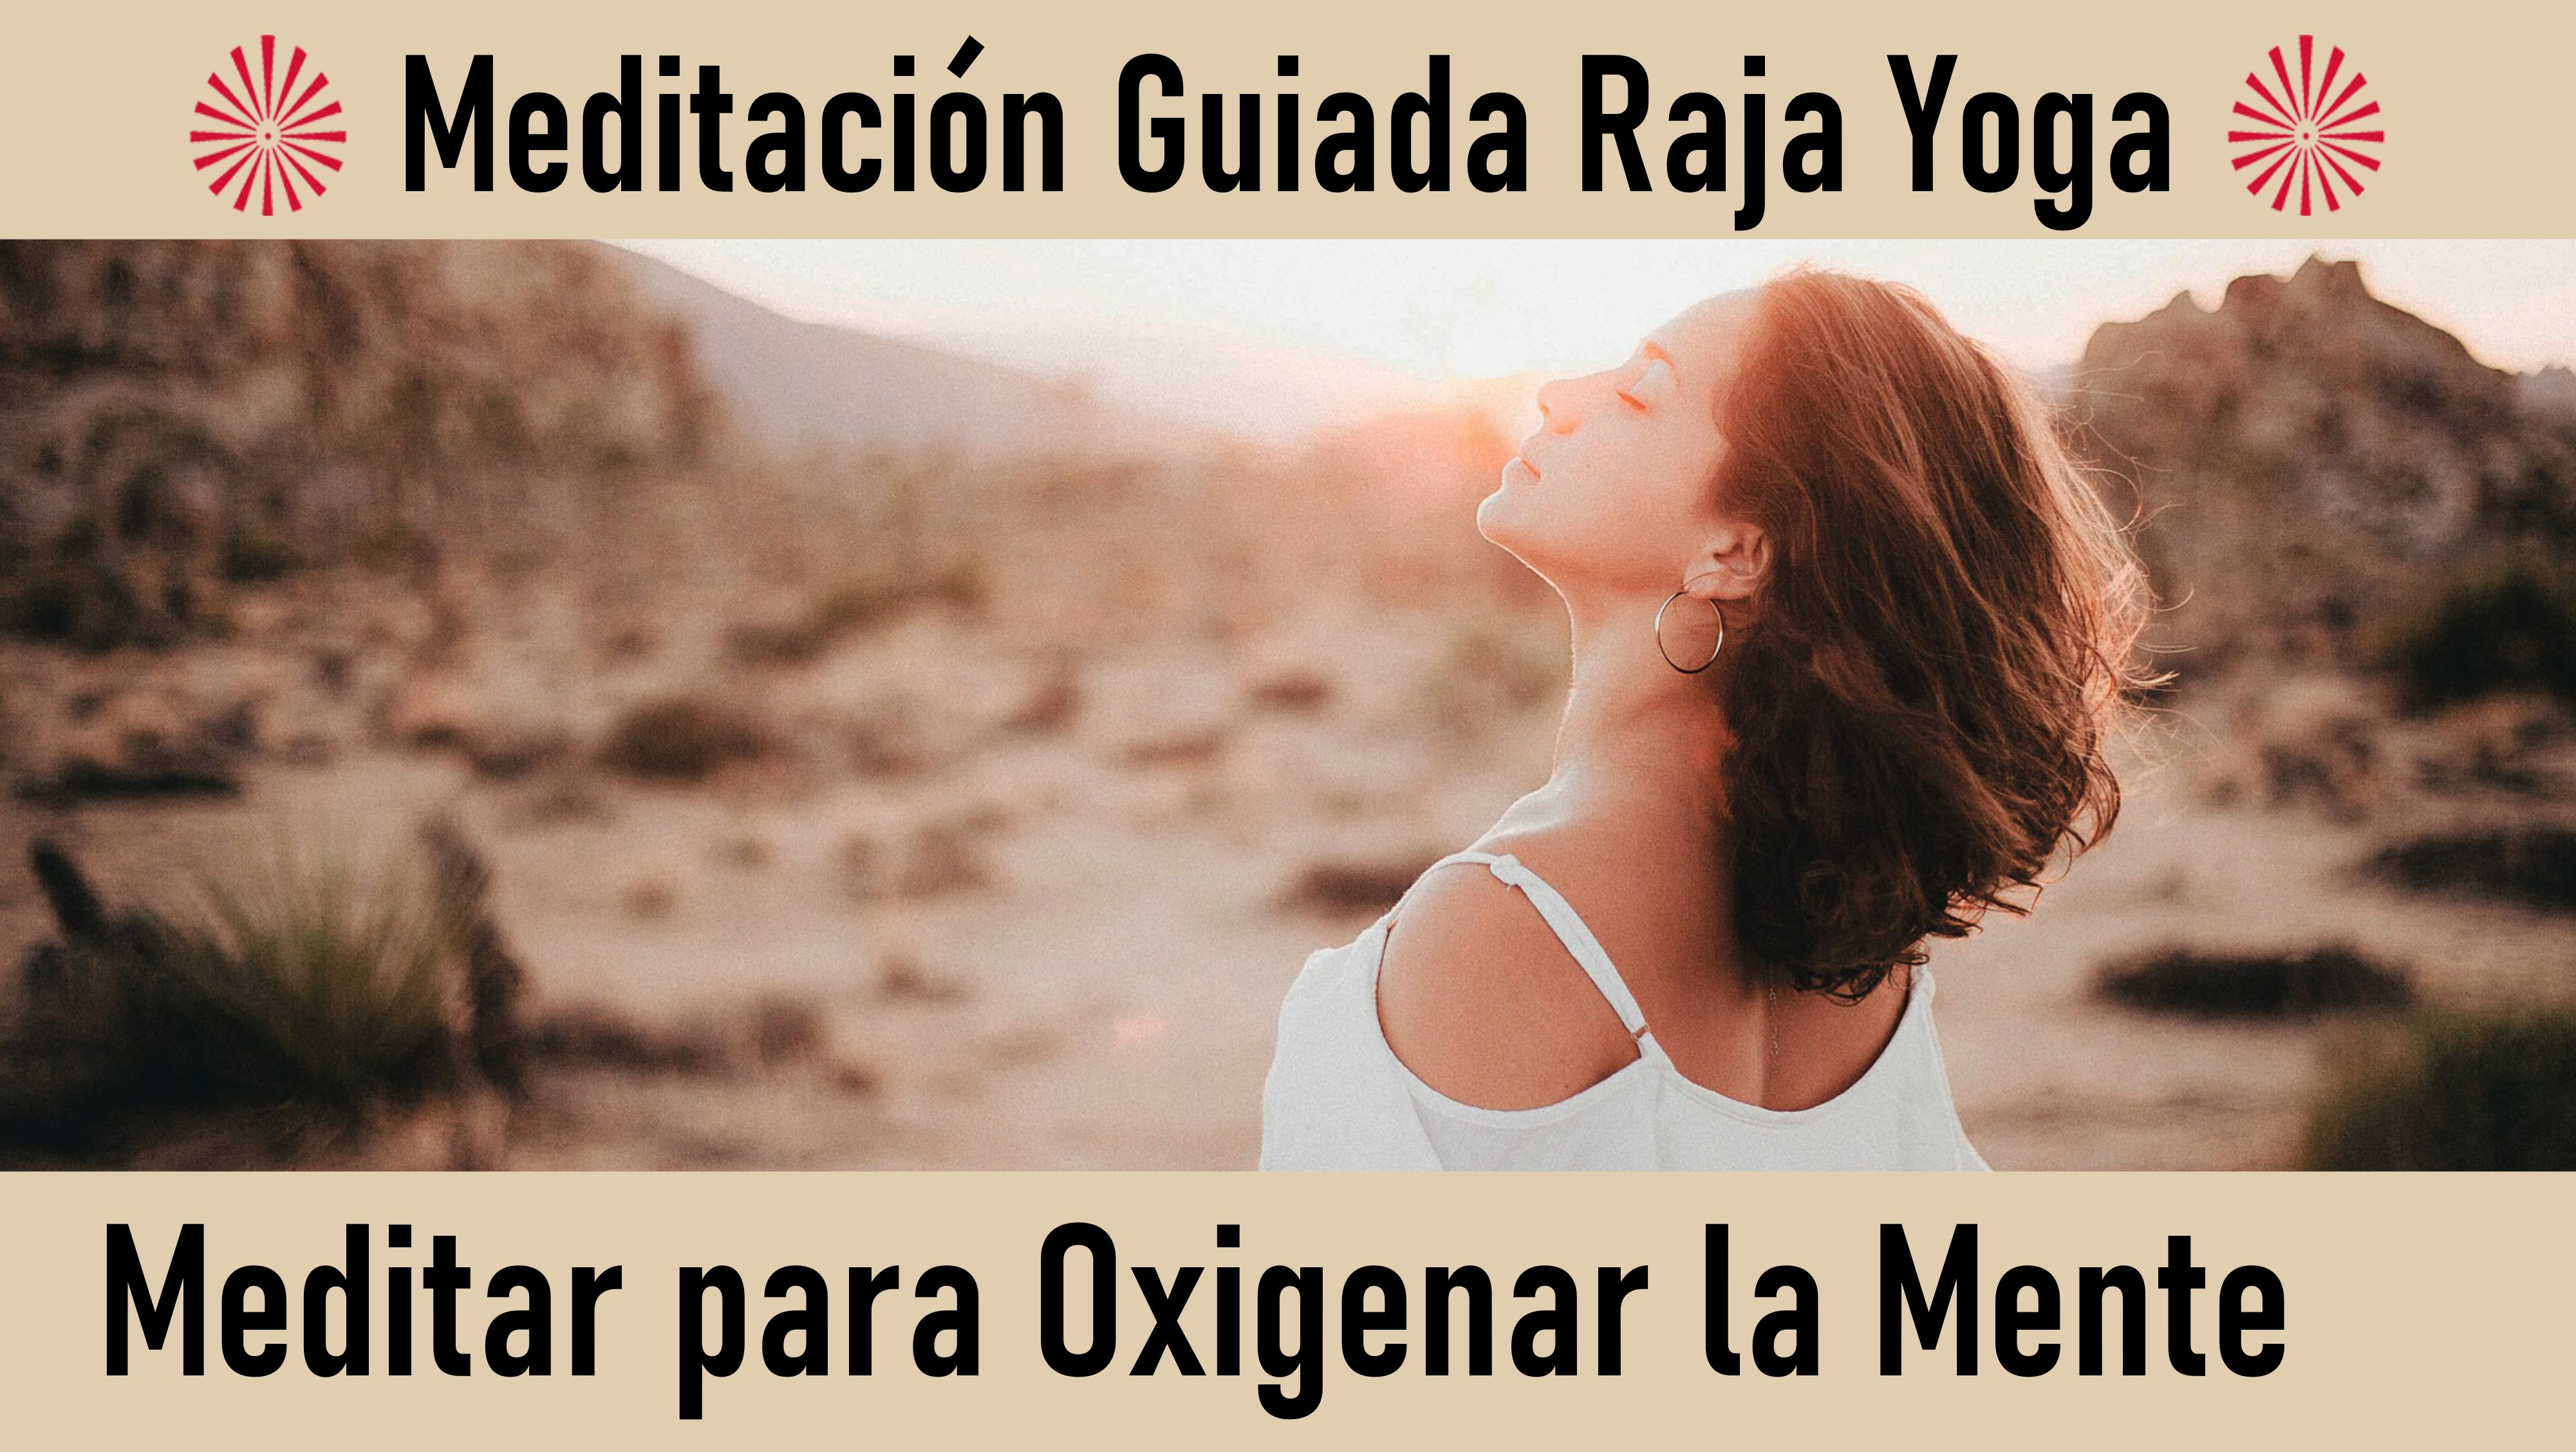 Meditación Raja Yoga: Meditar para oxigenar la mente (1 Julio 2020) On-line desde Sevilla